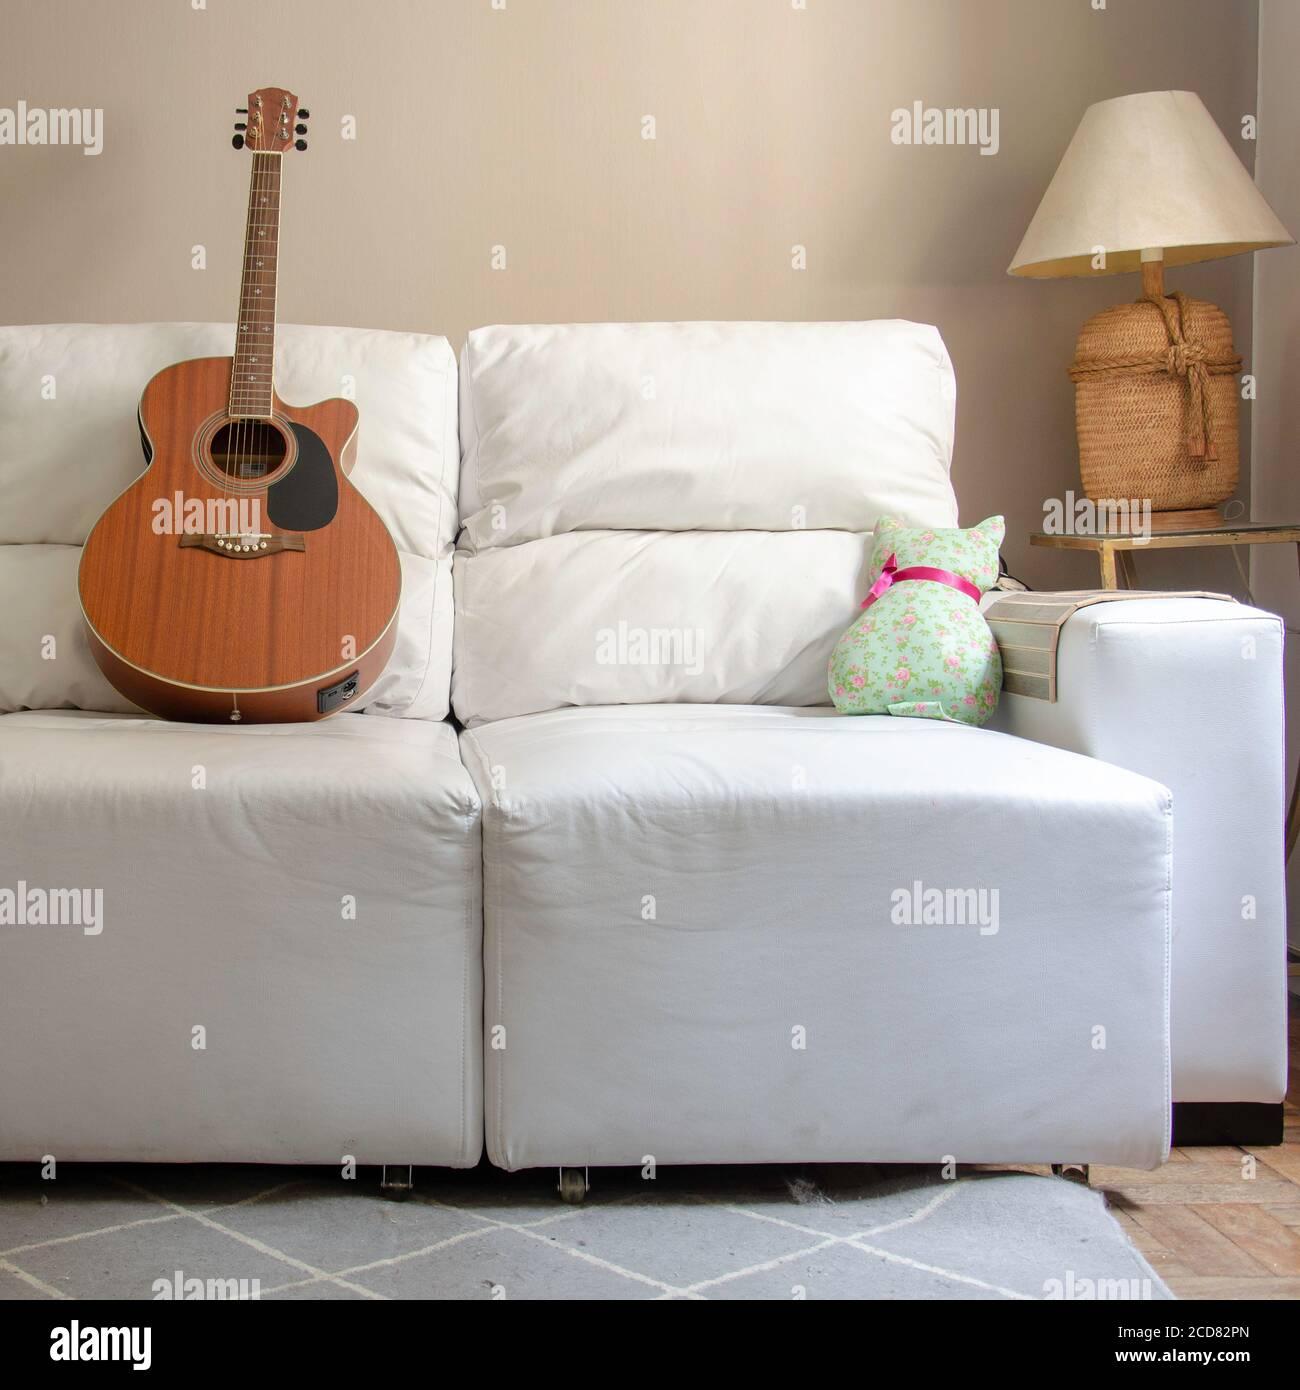 Décoration d'intérieur: Séjour avec guitare en bois sur un canapé blanc et lampe sur une table latérale avec un mur brun clair Banque D'Images